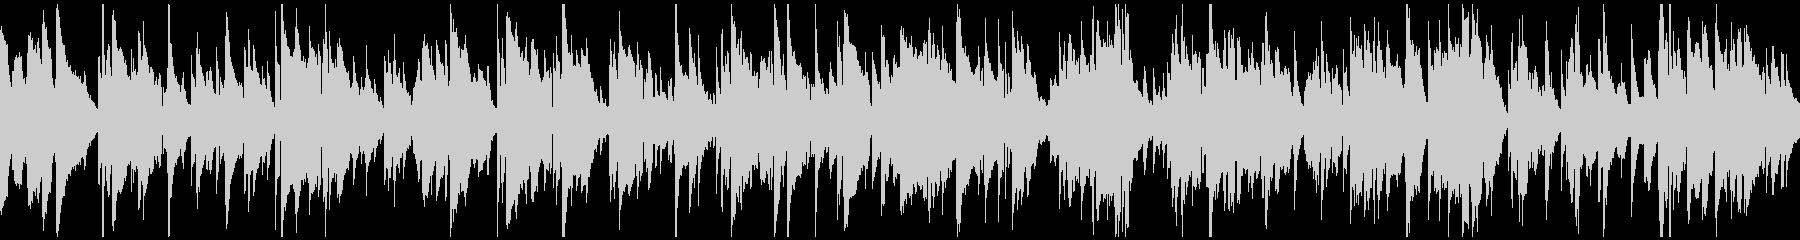 ロマンチックなサックスバラード※ループ版の未再生の波形